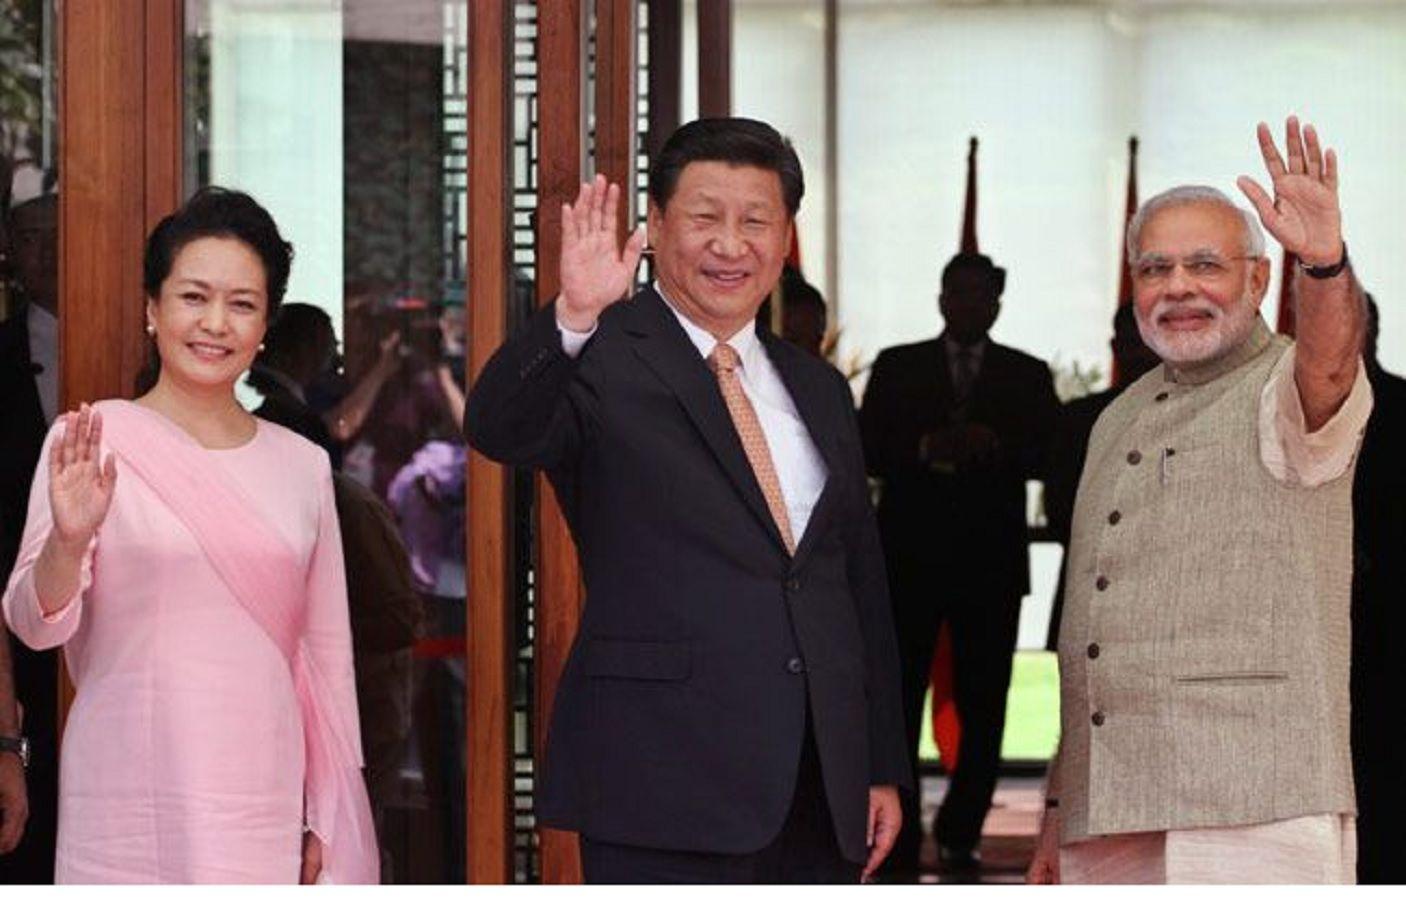 2014 के भारत दौरे के दौरान प्रधानमंत्री नरेंद्र मोदी के साथ शी जिनपिंग और उनकी पत्नी पेंग लियुआन